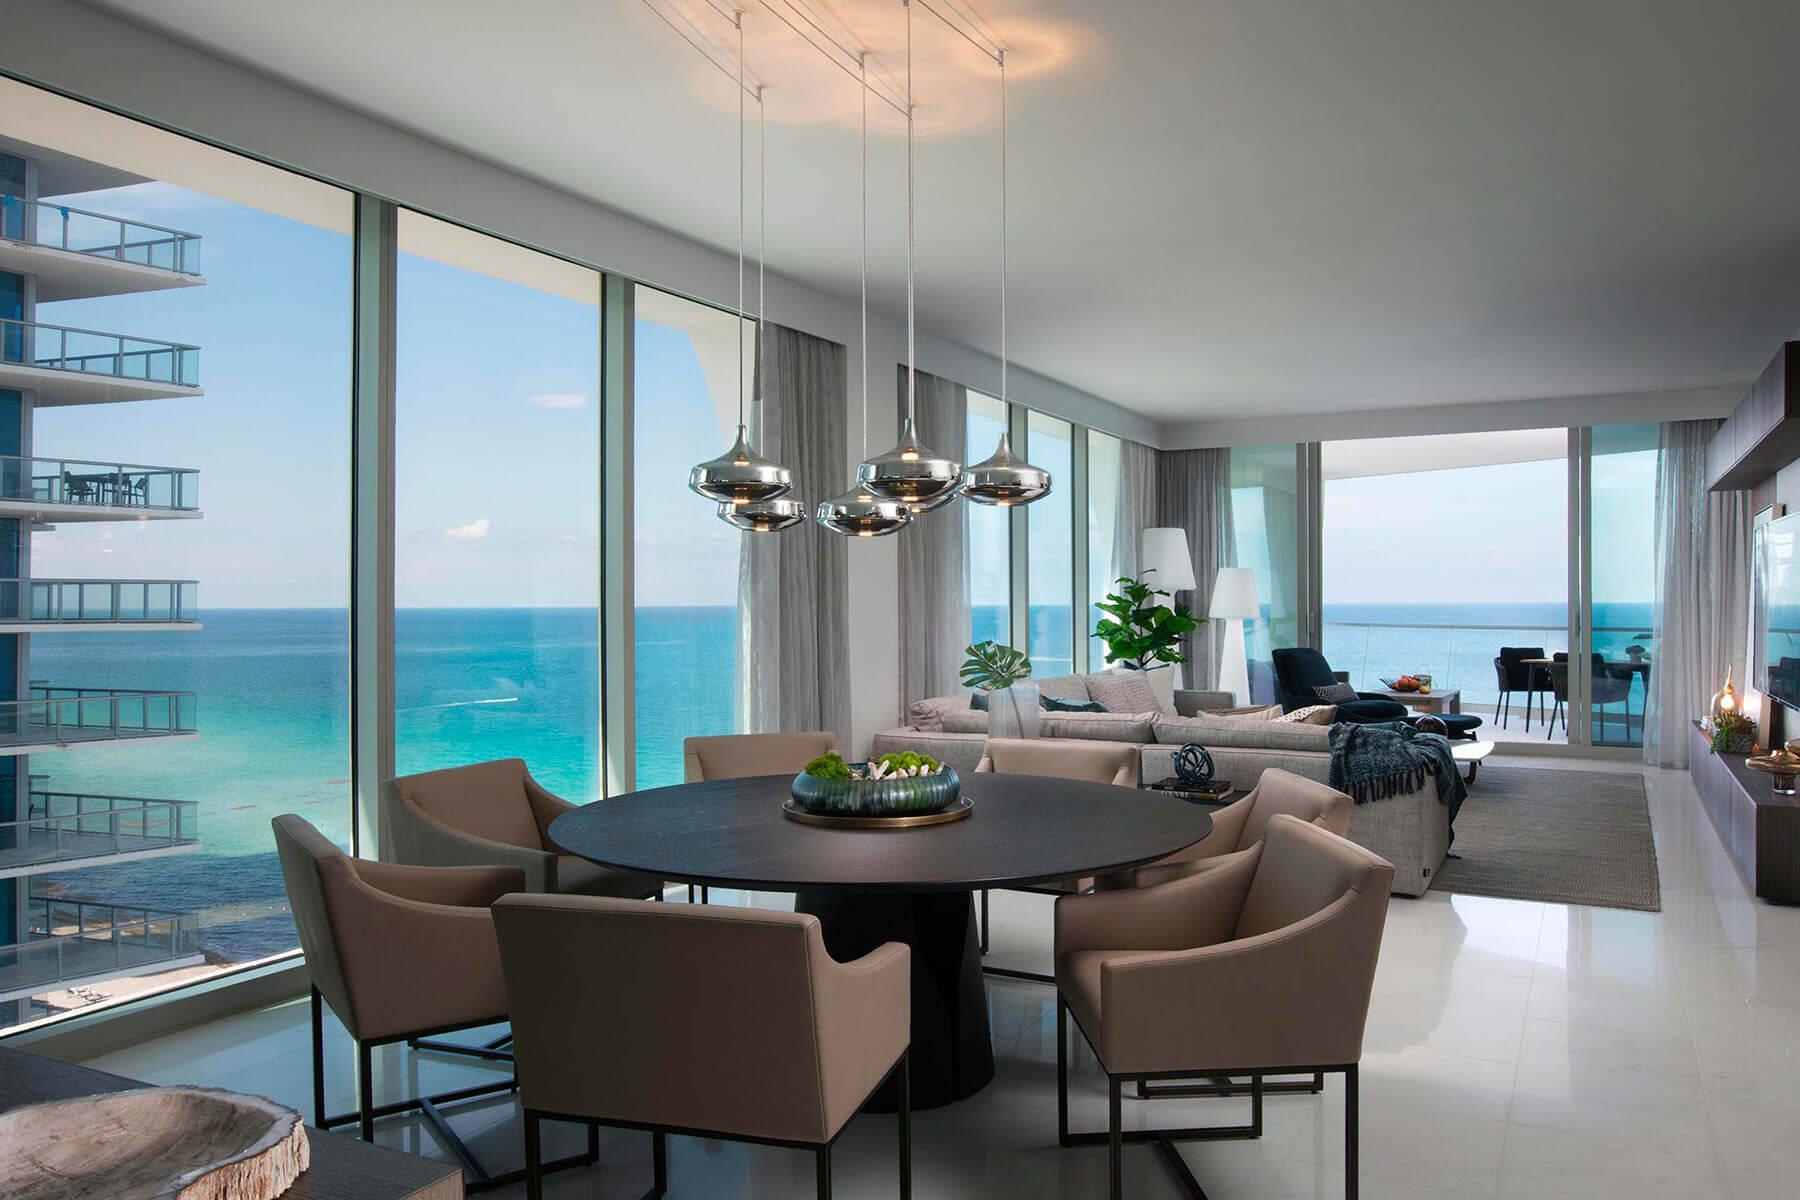 House Sunny Isles Beach